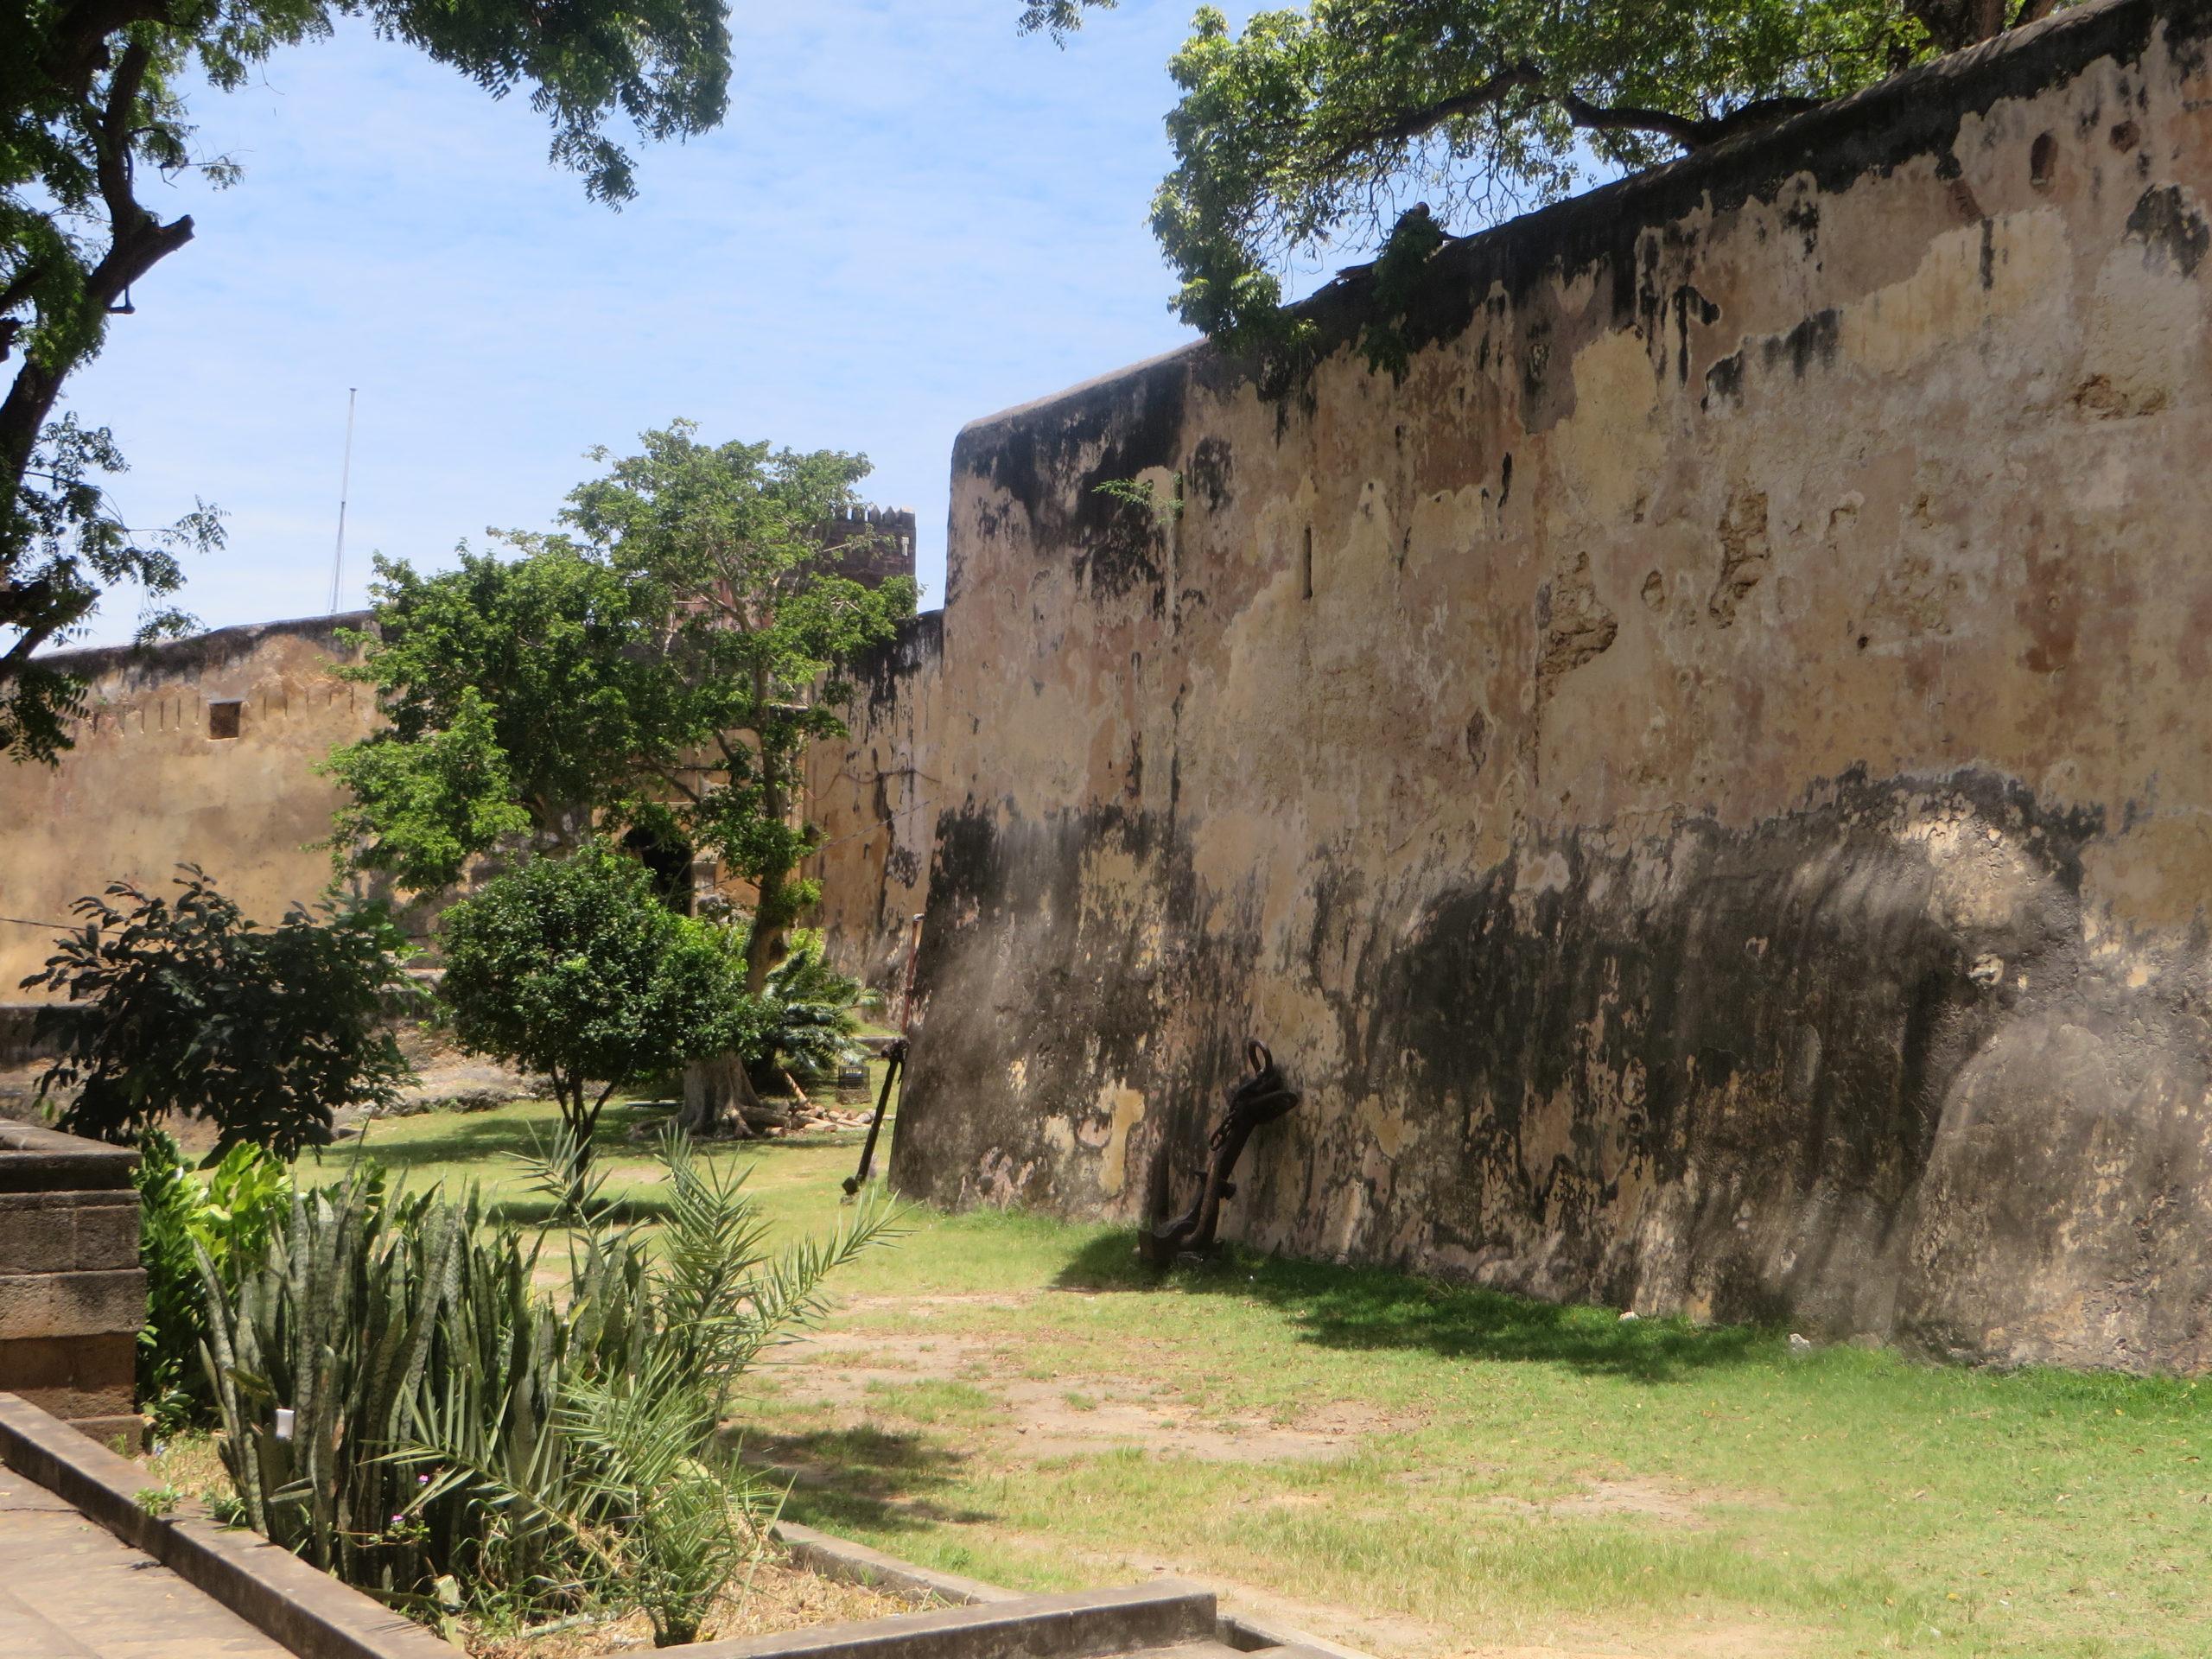 Mombasa - Fort Jesus